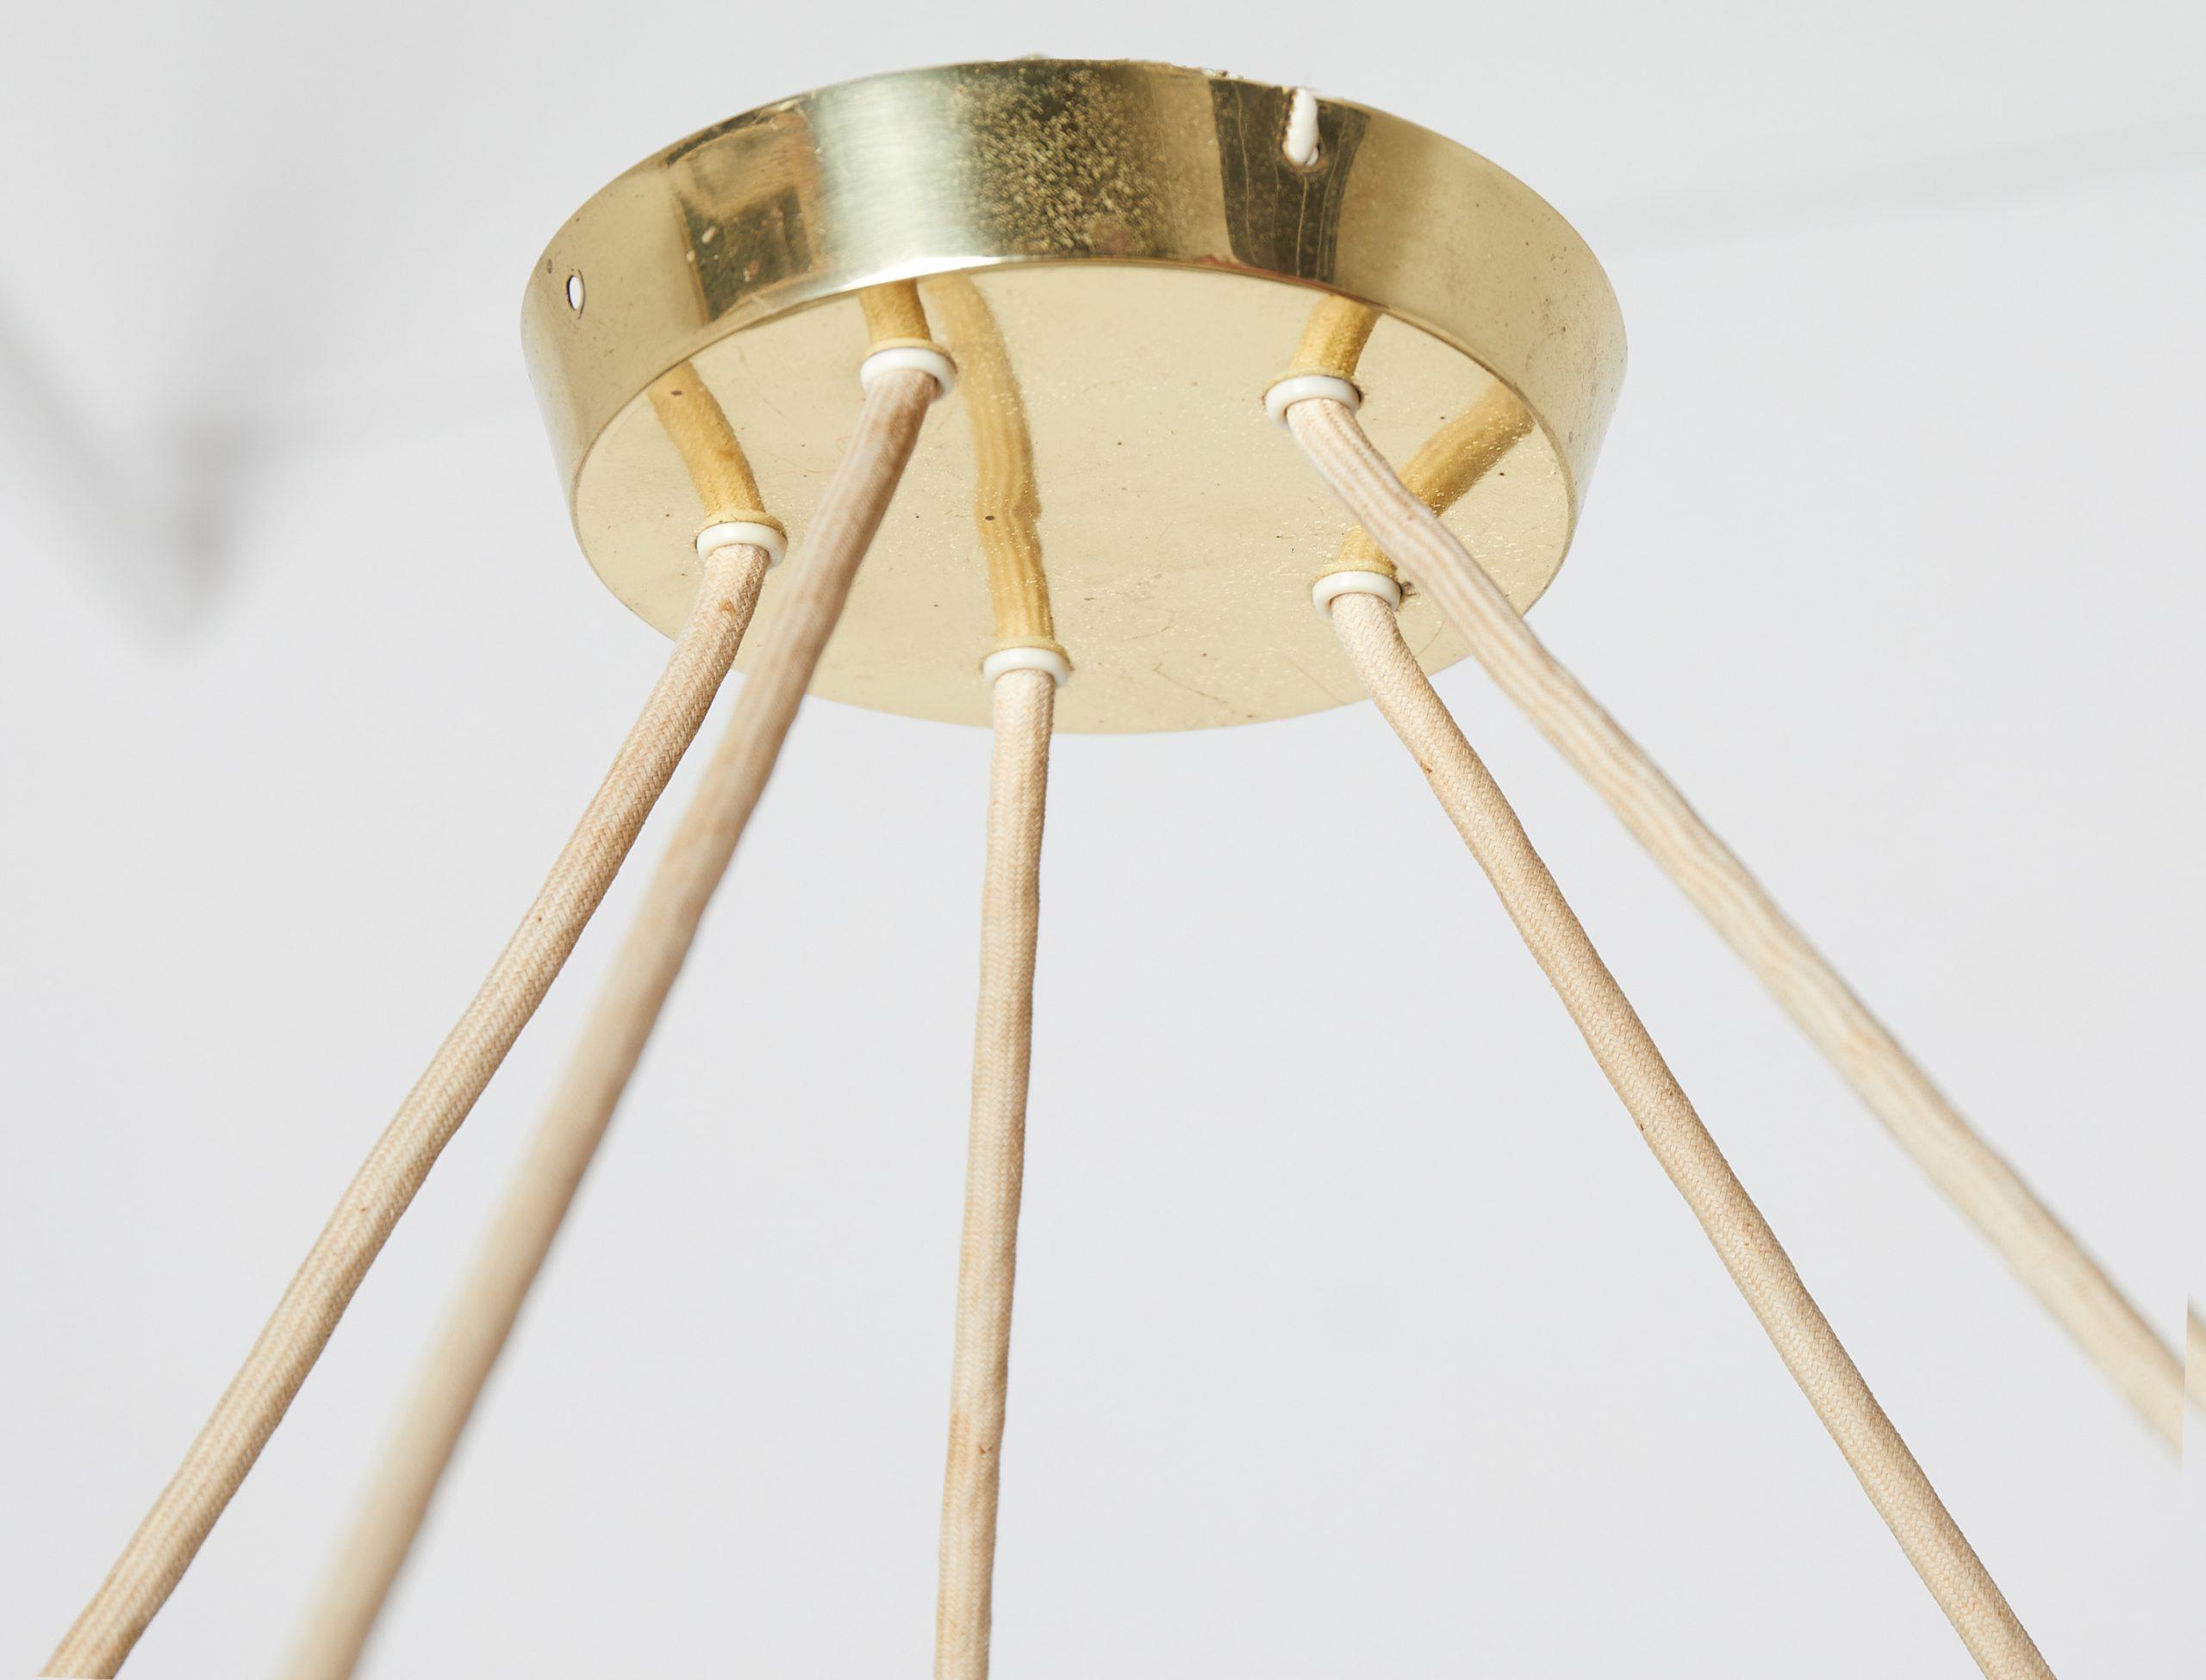 suspension-en-laiton-et-metal-laque-de-bag-turgi-1950-image-09